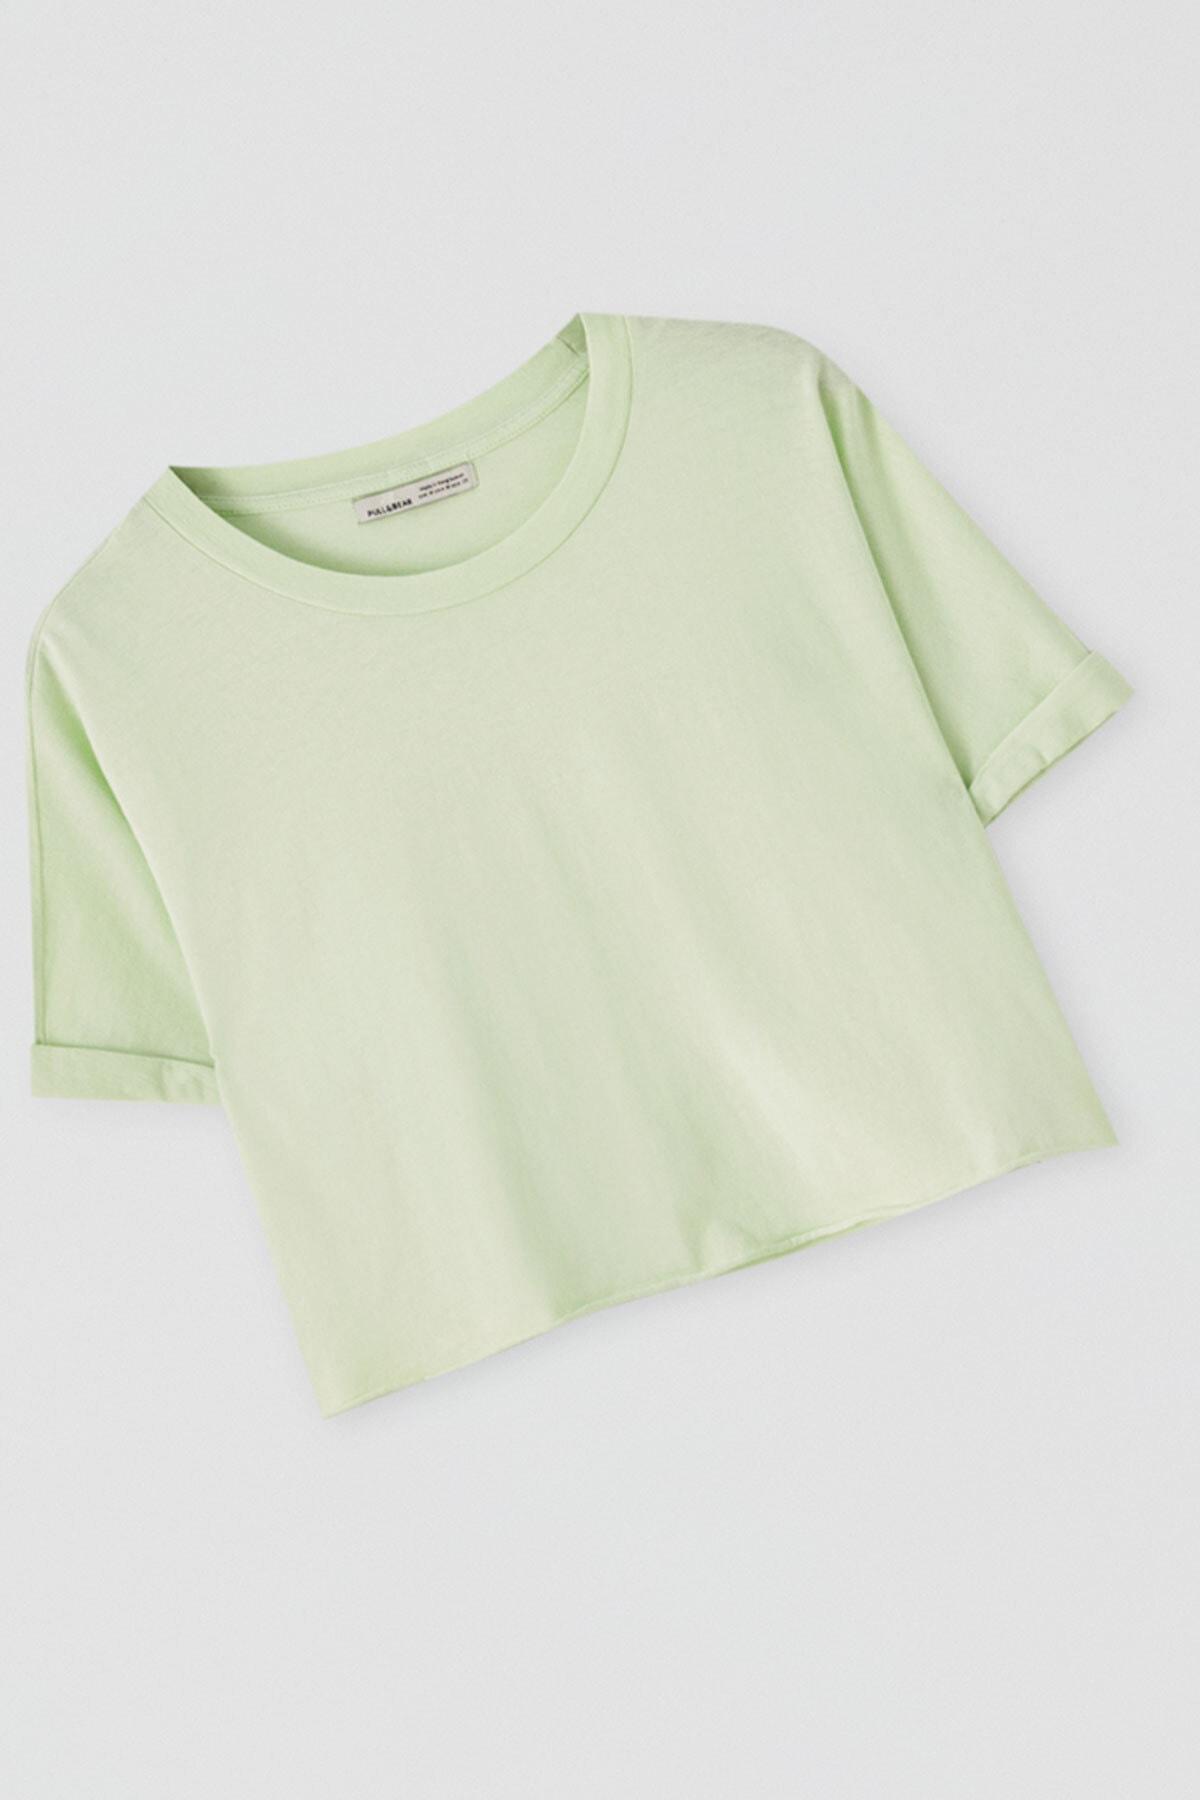 Pull & Bear Kadın Açık Limon Yeşili Kenarı Dikişsiz Crop Fit T-Shirt 05236327 2